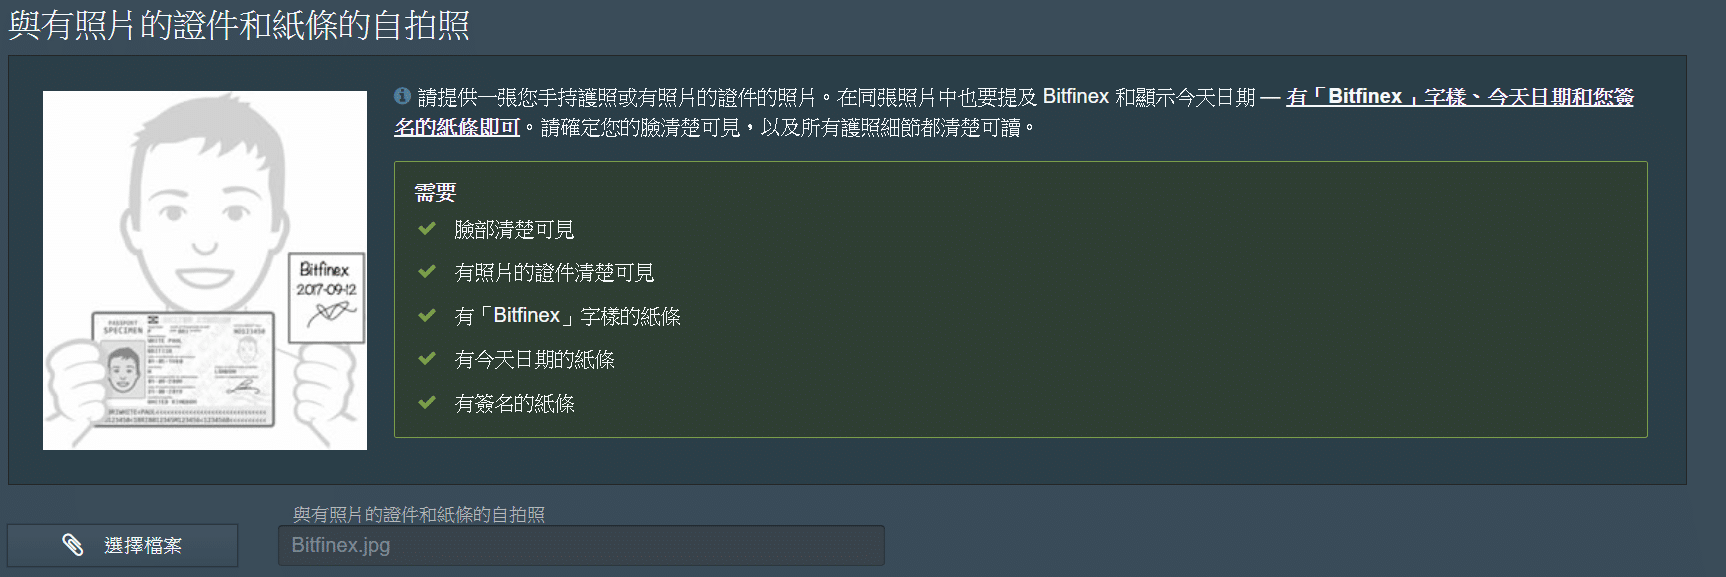 kyc認證